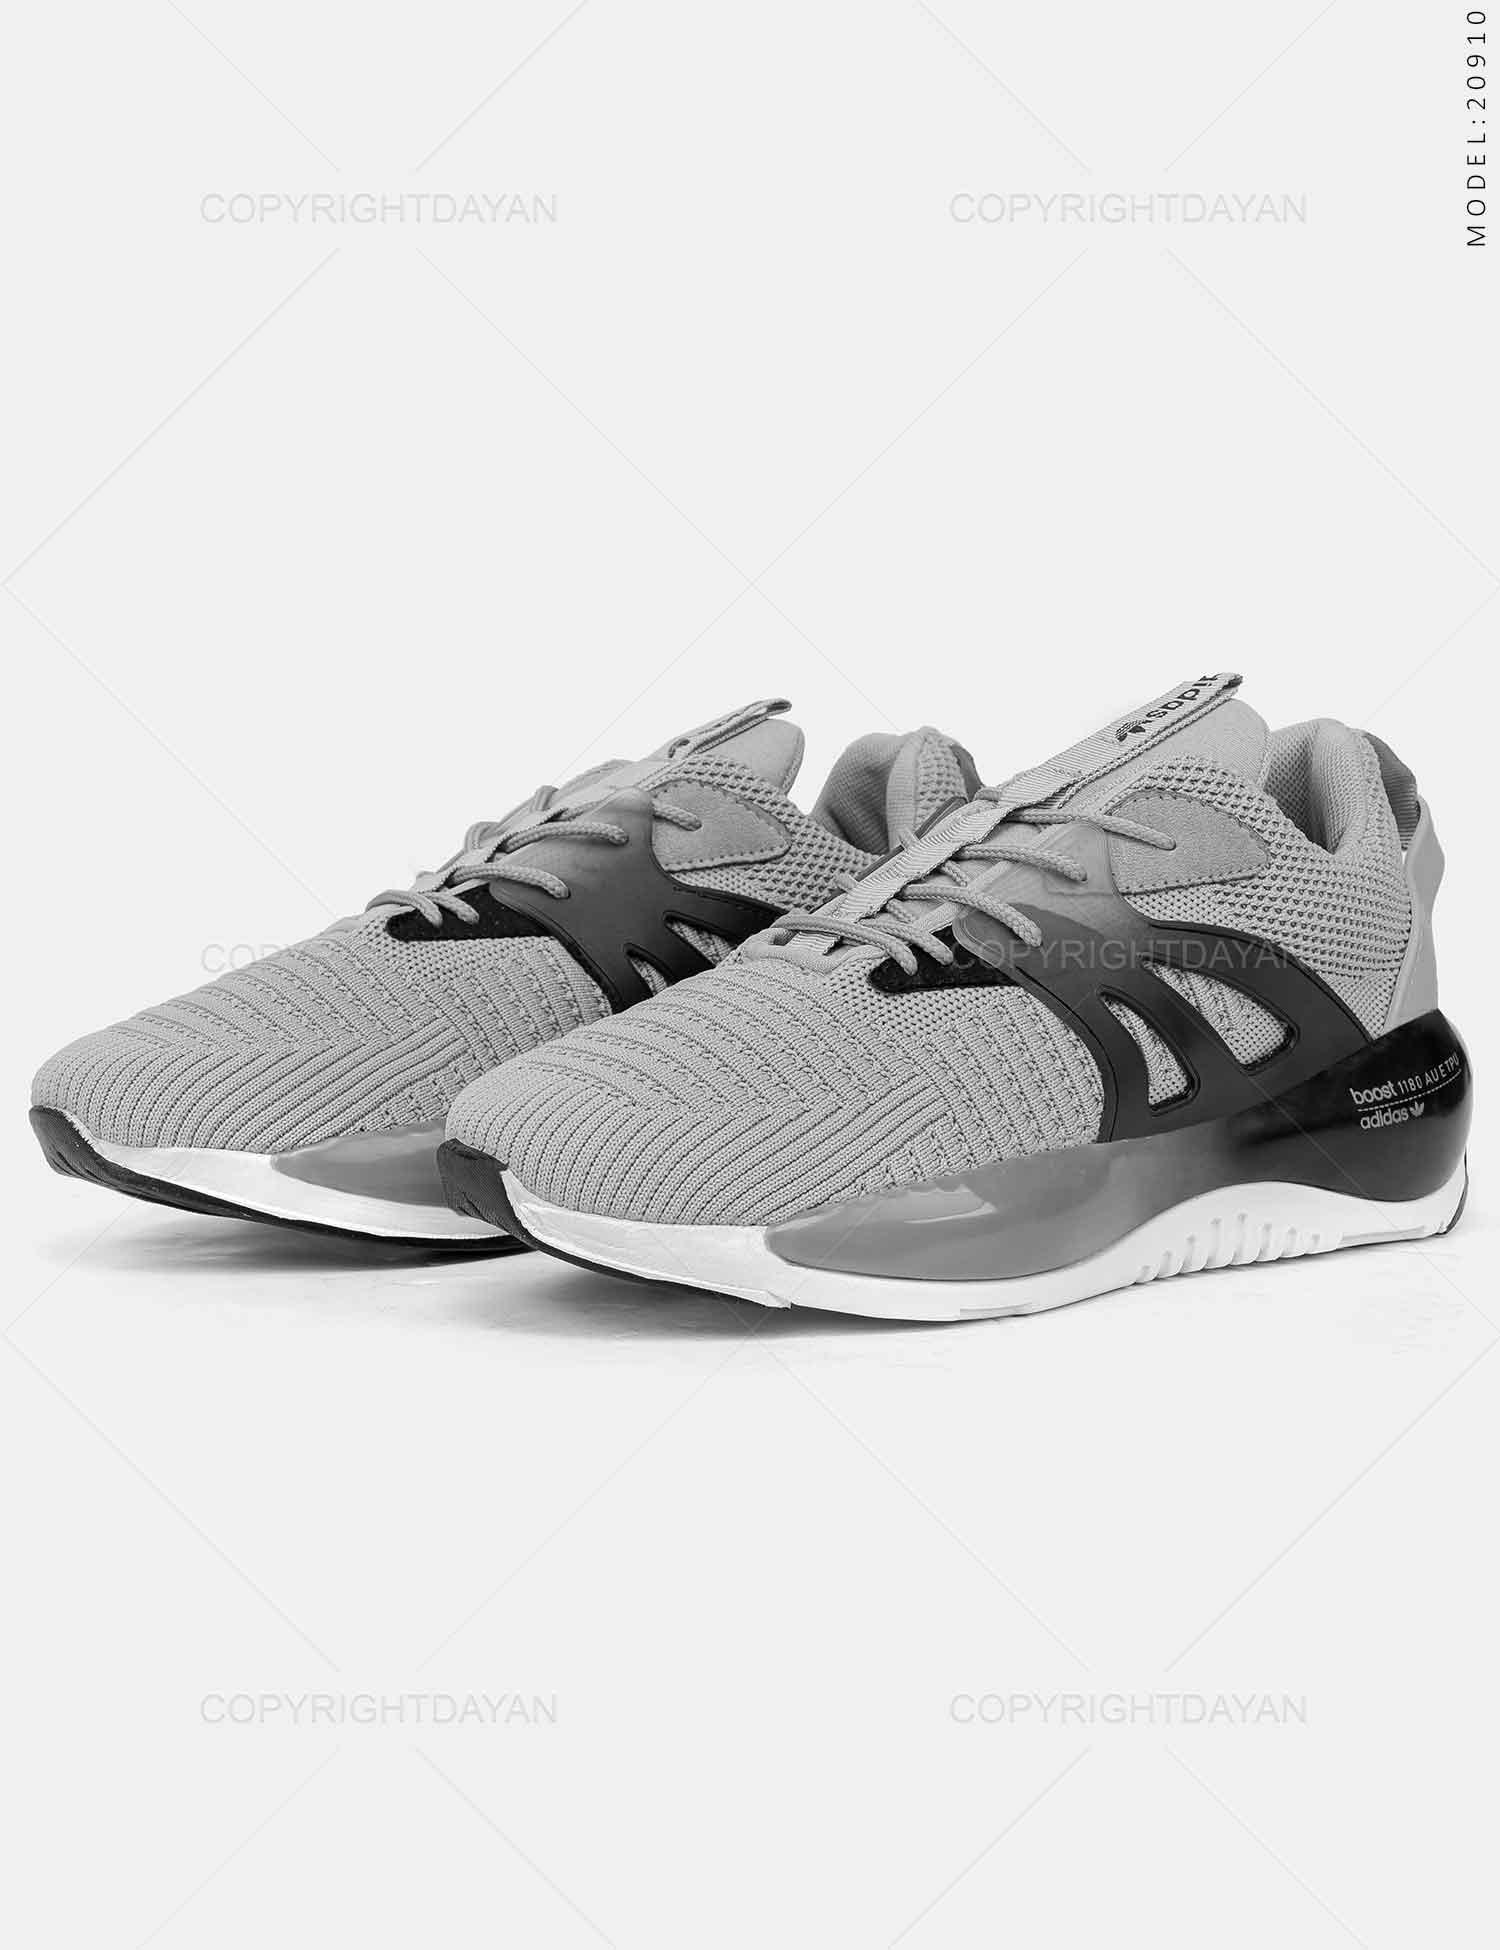 کفش ورزشی مردانه Adidas مدل 20910 کفش ورزشی مردانه Adidas مدل 20910 359,000 تومان